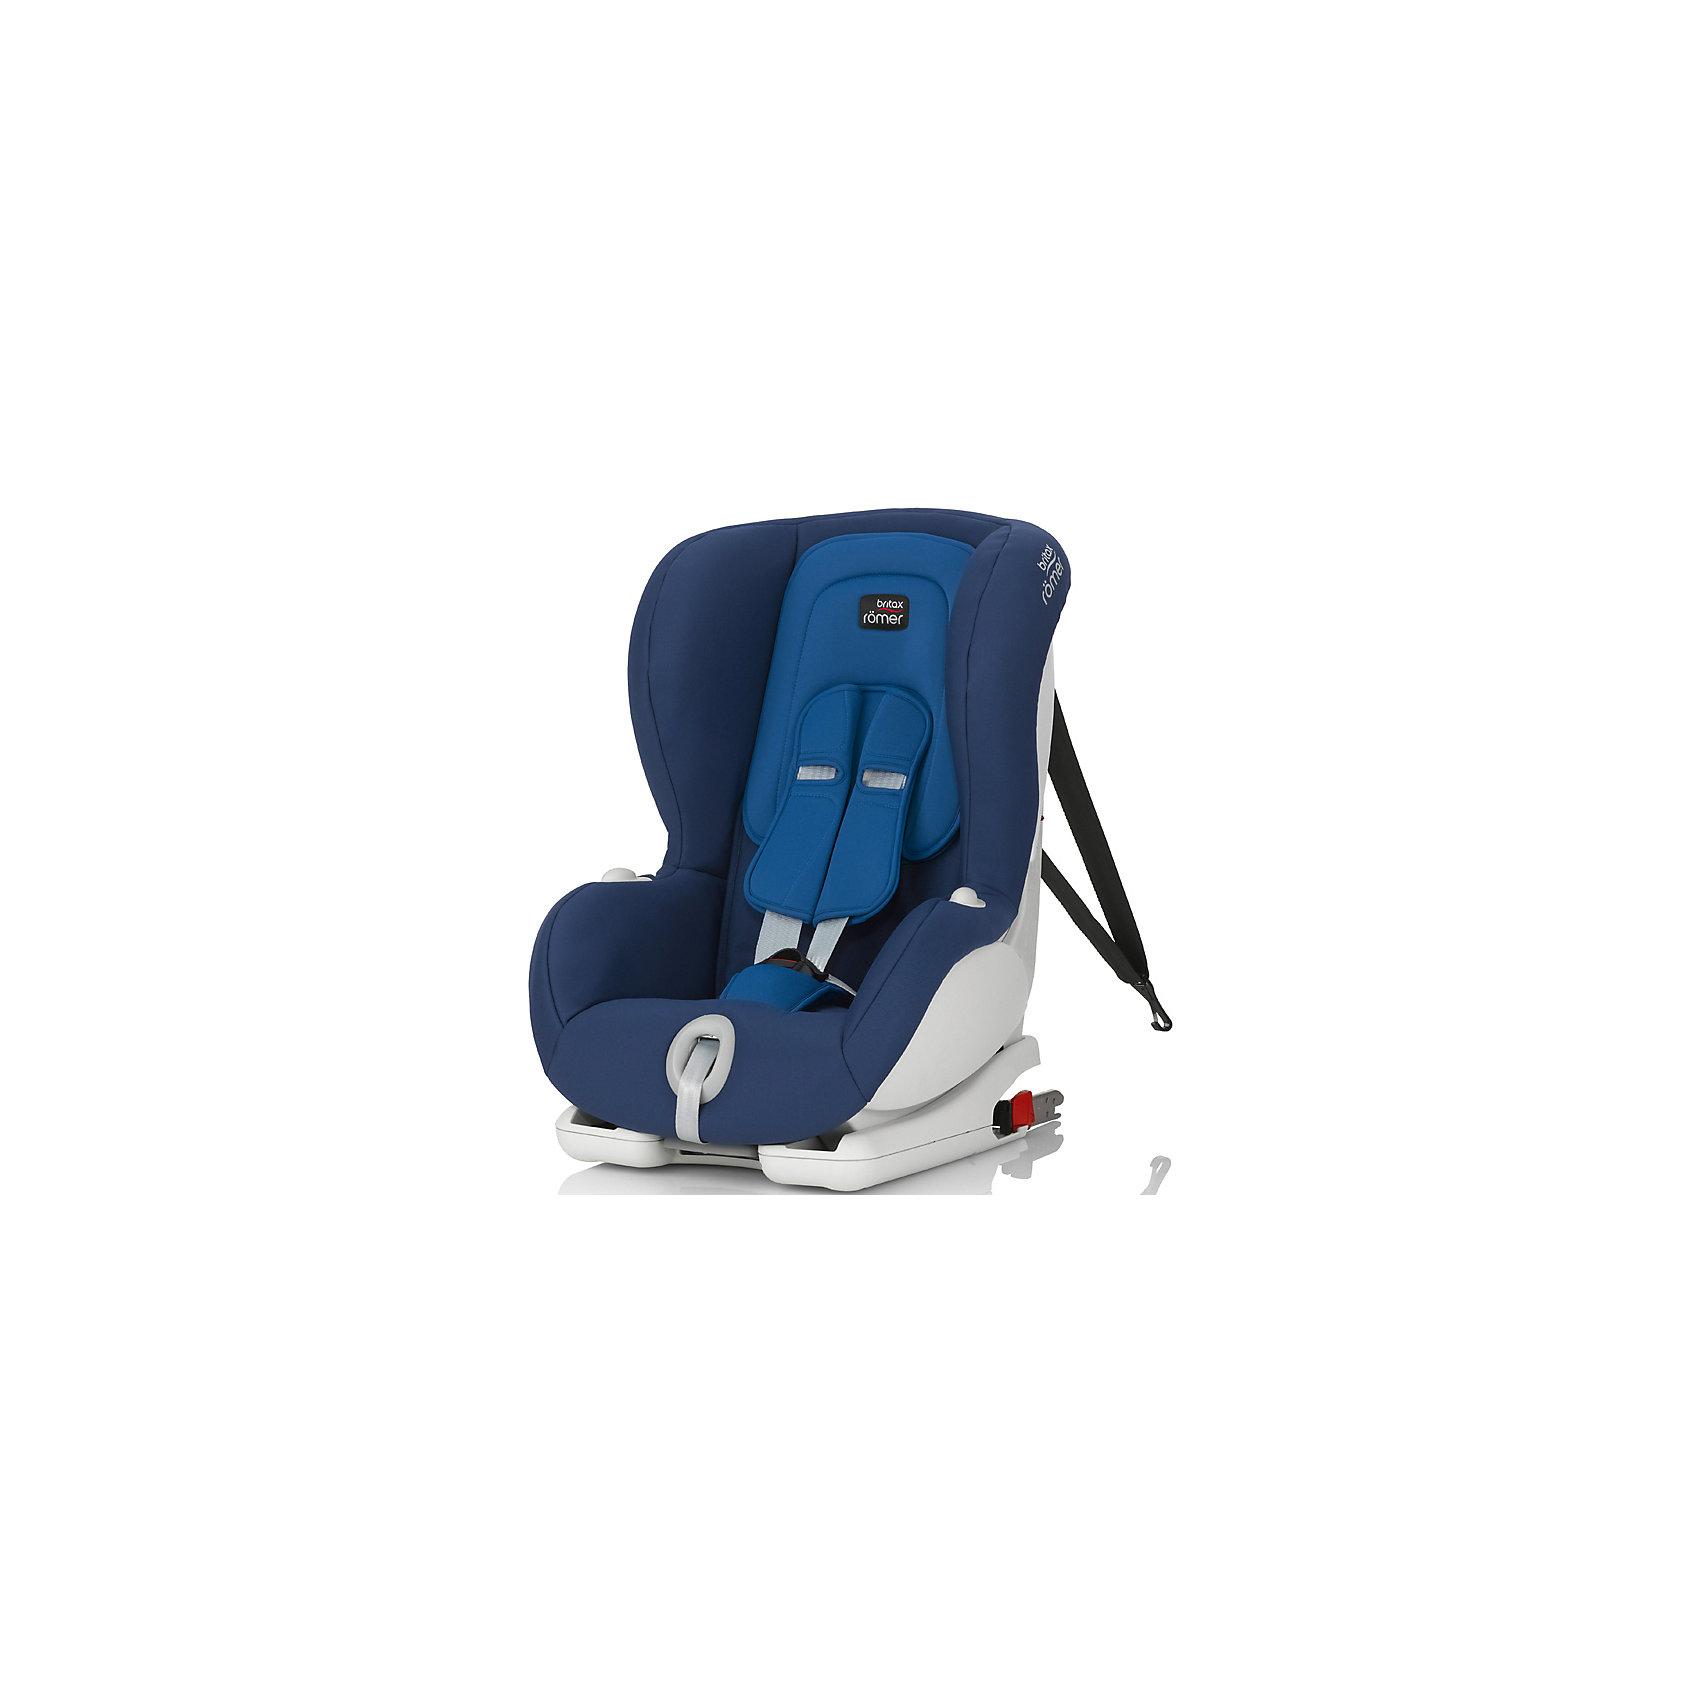 Автокресло Britax Romer VERSAFIX, 9-18 кг, Ocean BlueАвтокресла с креплением Isofix<br>Автокресло Versafix, Britax Roemer - комфортная надежная модель, которая сделает поездку Вашего ребенка приятной и безопасной. Сиденье кресла в форме кокона обеспечивает максимальный комфорт и защиту. Широкий подголовник регулируется по высоте в зависимости от роста ребенка. Угол наклона спинки имеет 3 положения, что позволяет выбрать наиболее комфортное для ребенка. Удобная регулировка позволяет сделать это одной рукой, не потревожив сон ребенка. Кресло оснащено регулируемыми 5-точечными ремнями безопасности с мягкими плечевыми накладками и централизованной регулировкой натяжения. Глубокие боковины с мягкими вставками обеспечивают оптимальную защиту при боковых ударах, а Pivot Link - система подвижных креплений Isofix минимизирует движение кресла вперед при лобовом столкновении.<br><br>Автокресло устанавливается лицом по ходу движения и поддерживает 3 способа установки: с помощью штатного ремня безопасности, с помощью креплений Isofix, а также Isofix + якорный ремень Top Tether. Крепление ремнем Top Tether не даст креслу сместиться вперед при резком торможении. Цветовые индикаторы впереди кресла показывают правильность его установки. Обивка кресла изготовлена из высококачественных материалов, съемные тканевые чехлы можно стирать при температуре 30С. Автокресло имеет стандарт безопасности ECE R 44/04. Рассчитано на детей от 9 мес. до 3-4 лет, весом 9-18 кг.<br><br>Дополнительная информация:<br><br>- Цвет: Ocean Blue. <br>- Материал: текстиль, пластик.<br>- Возраст: 9 мес. - 4 года (9-18 кг.).<br>- Размер (ВхШхГ): 64 x 45 x 46 см.<br>- Вес: 10 кг.<br><br>Автокресло VERSAFIX, 9-18 кг., Britax Roemer, Ocean Blue, можно купить в нашем интернет-магазине.<br><br>Ширина мм: 460<br>Глубина мм: 450<br>Высота мм: 640<br>Вес г: 10000<br>Возраст от месяцев: 9<br>Возраст до месяцев: 48<br>Пол: Унисекс<br>Возраст: Детский<br>SKU: 4722606